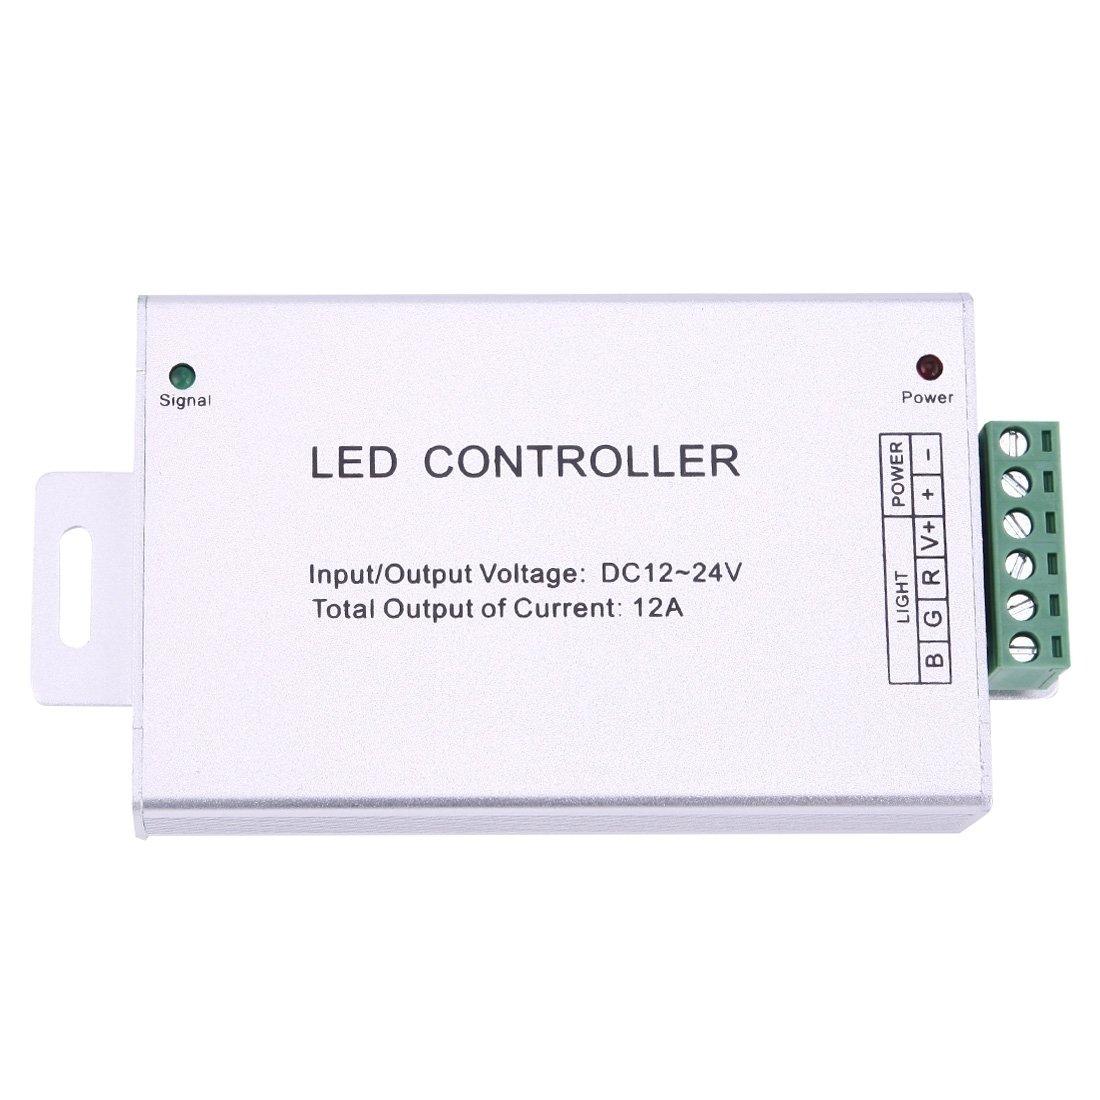 Iluminación Tres canales IR LED LED LED Control de carcasa de aluminio ajustable con control remoto IR, DC 12-24V Iluminación para ti 1e2f46